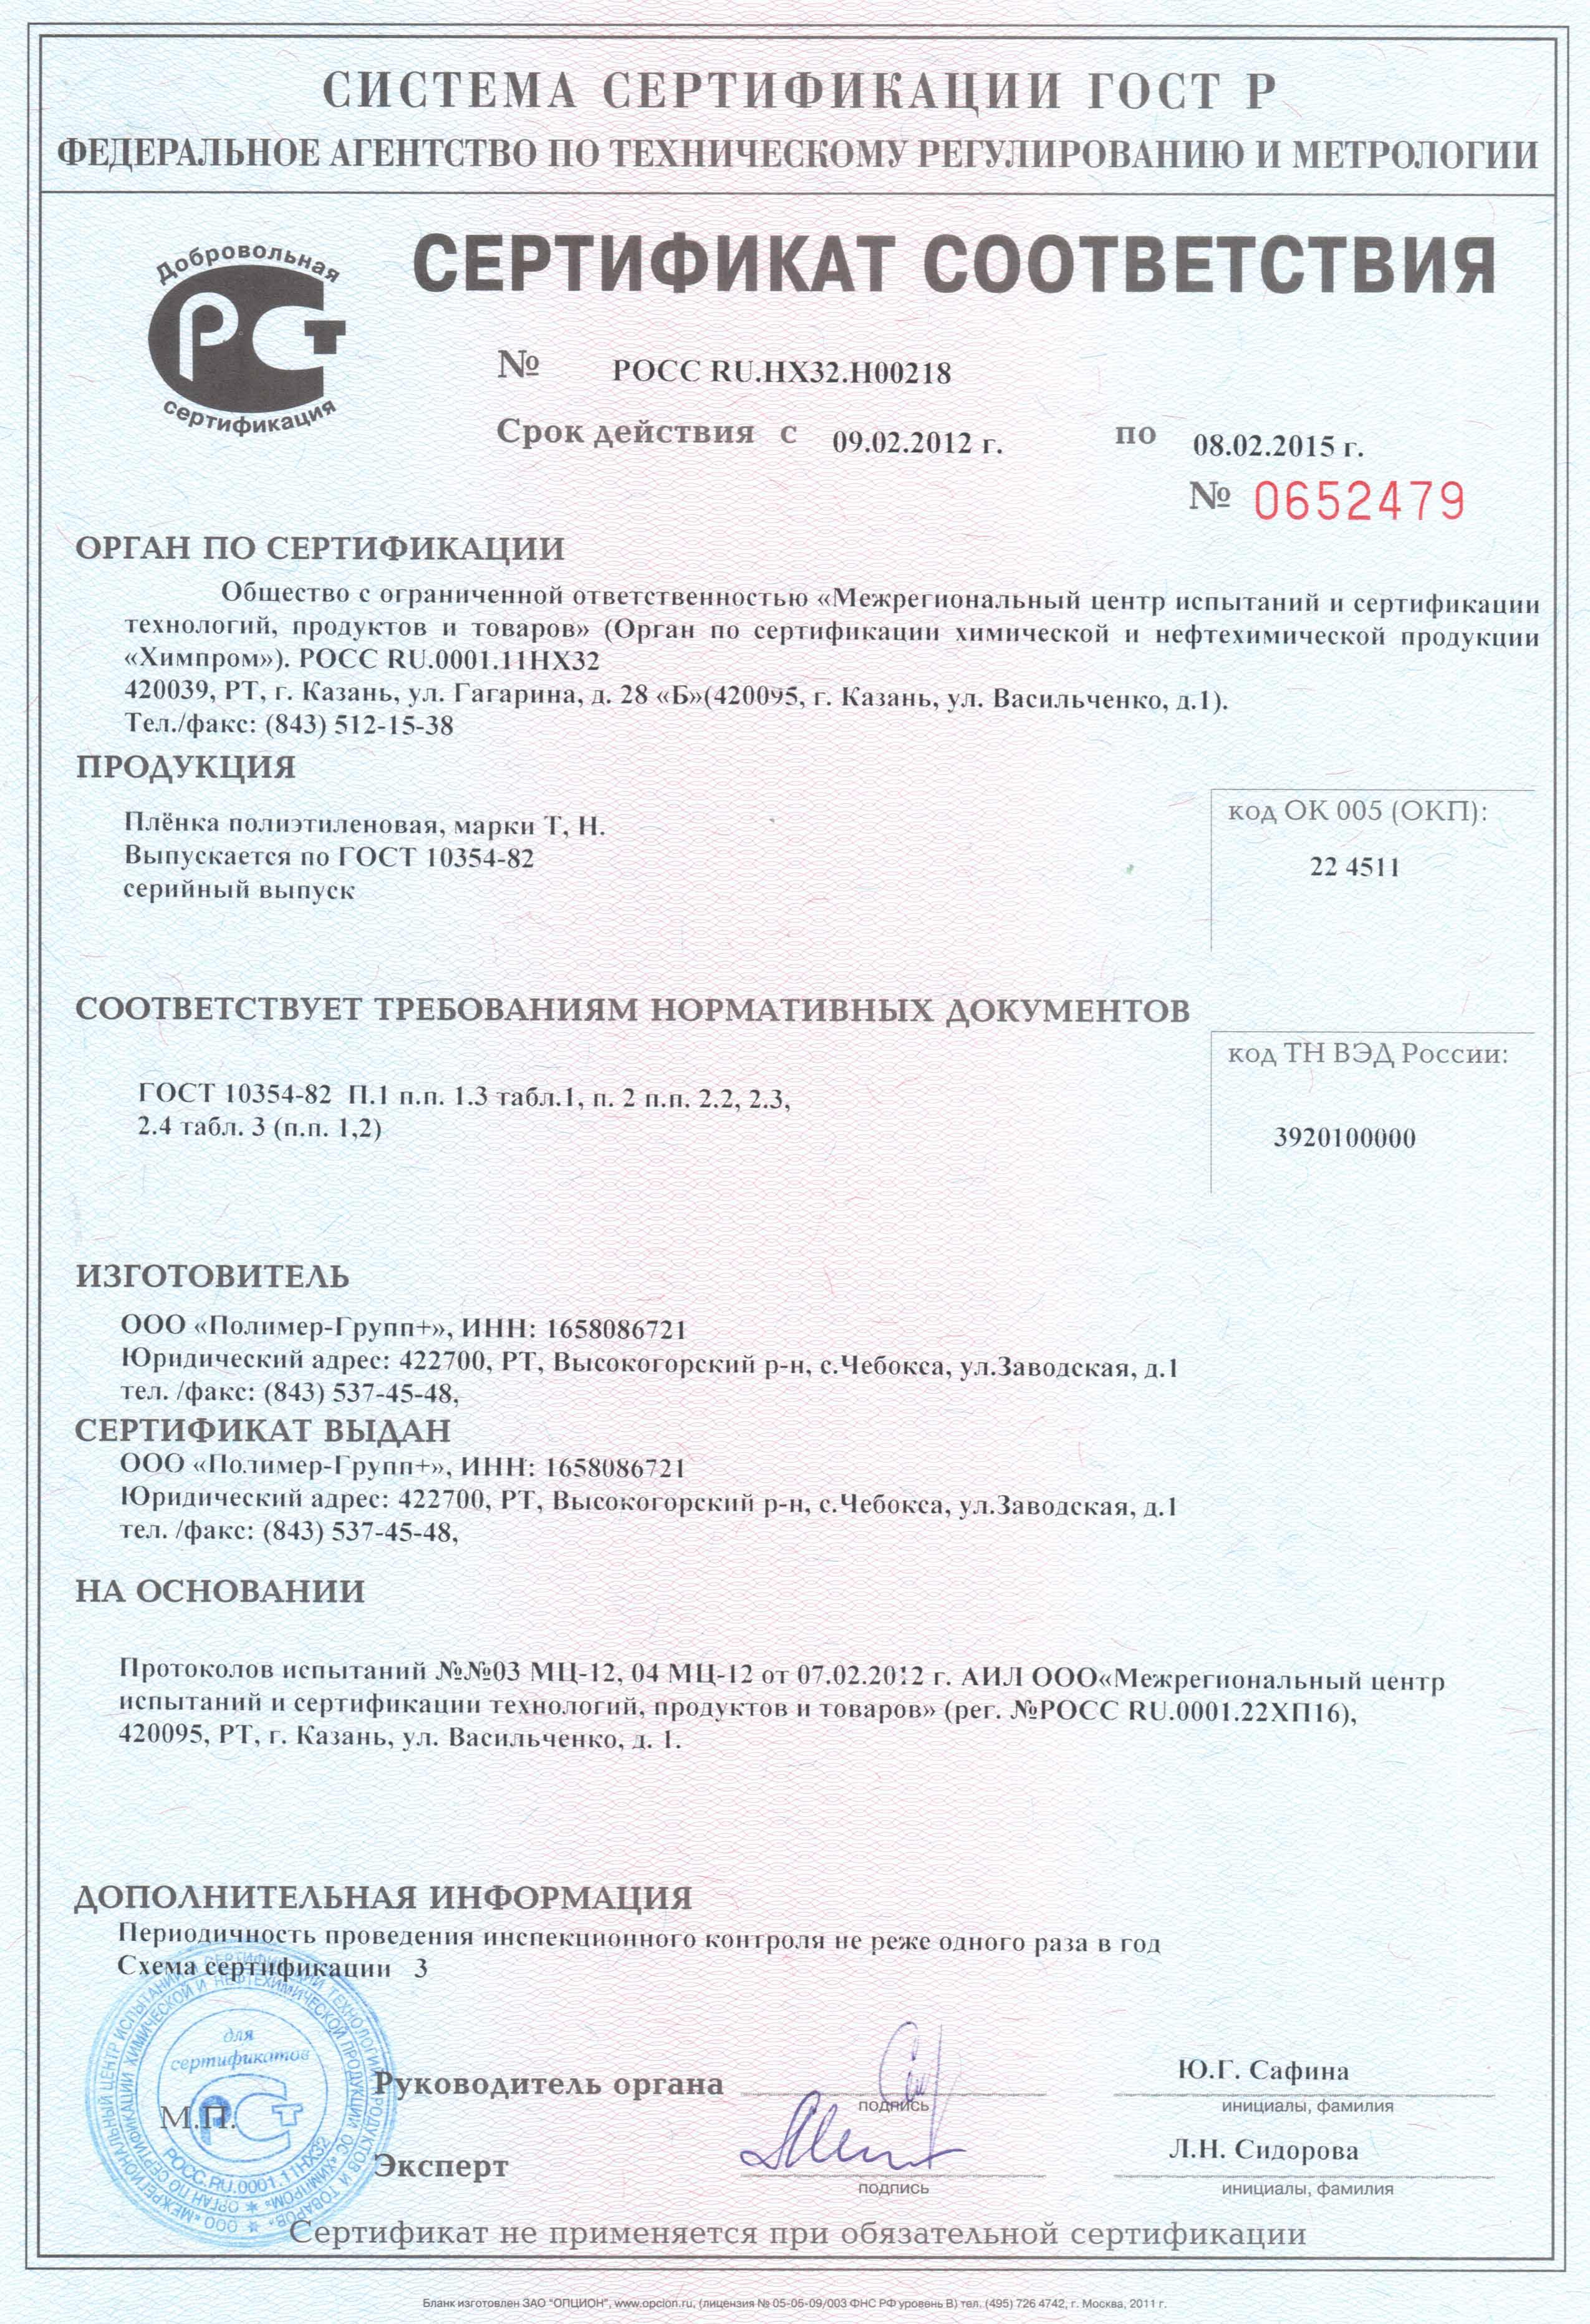 сертификат соответствия на пленку термоусадочную пленку